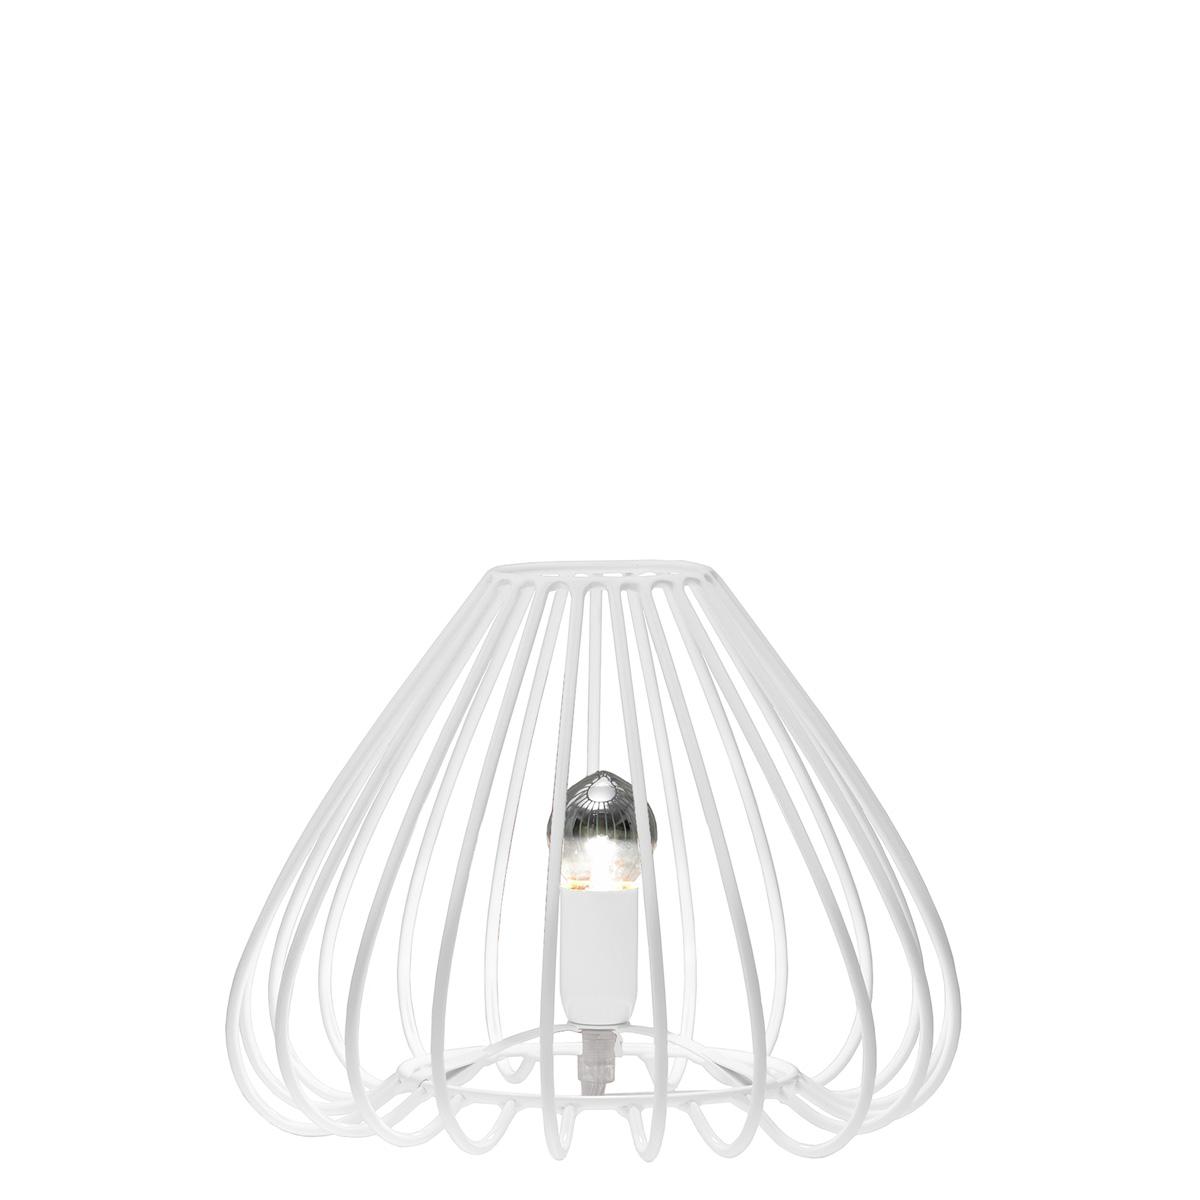 Μοντέρνο επιτραπέζιο φωτιστικό CELLI modern table lamp